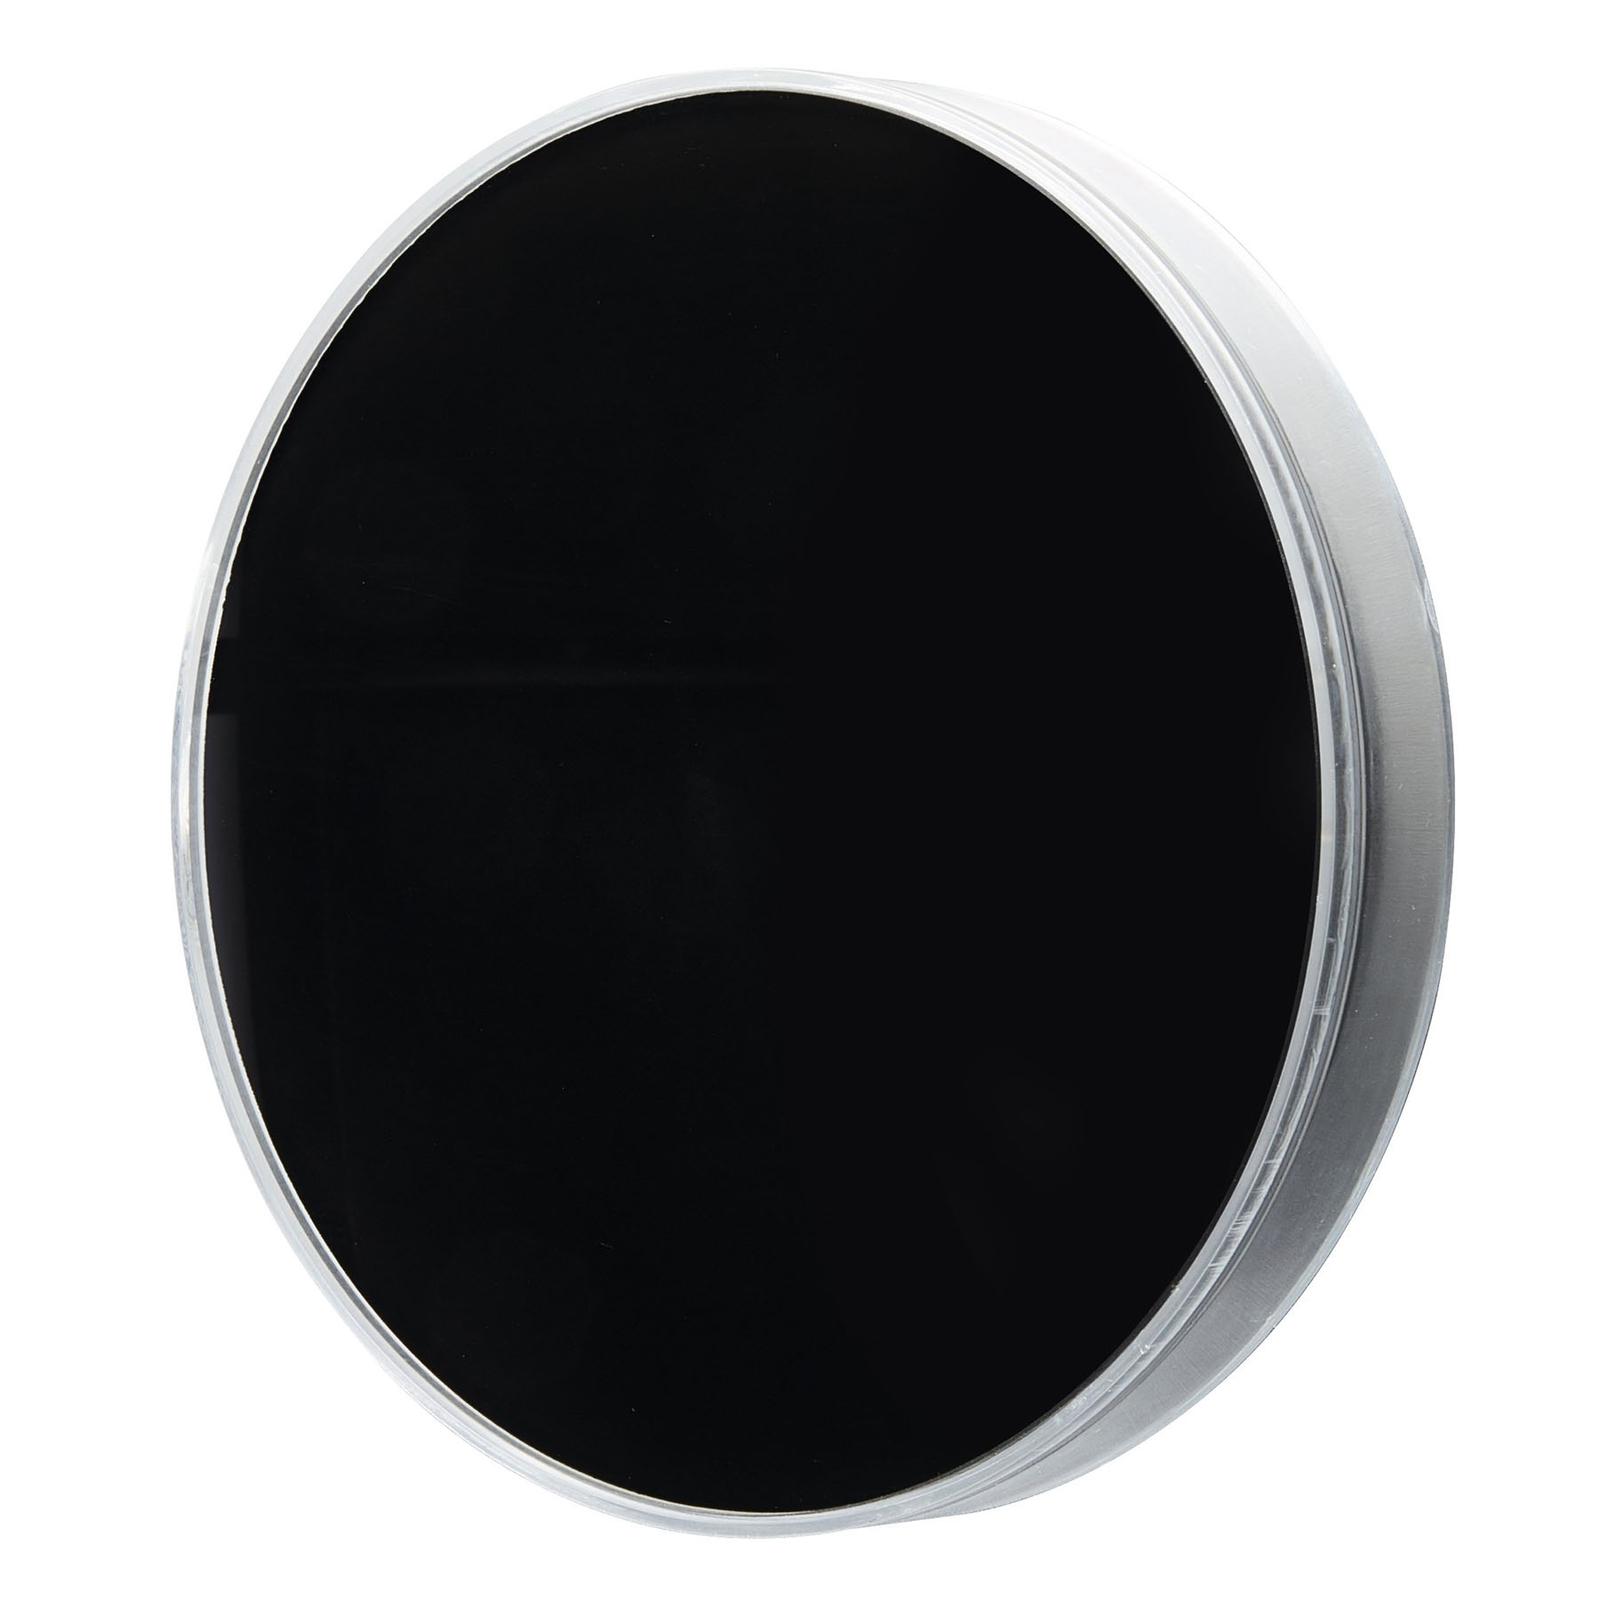 LED-Außenwandleuchte Marbella, schwarz